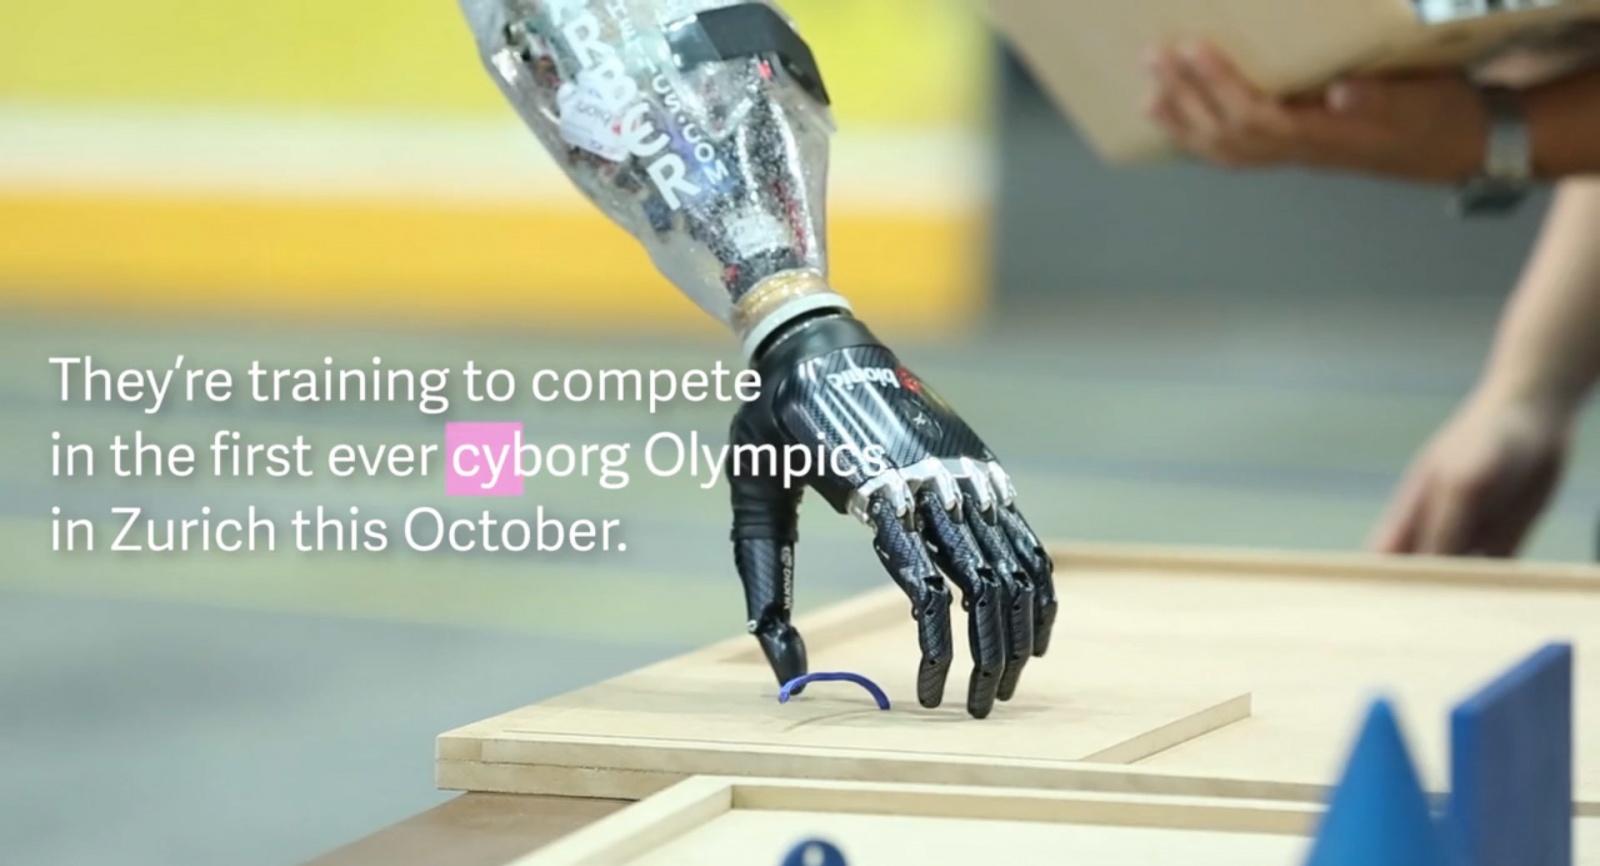 Первая Олимпиада для киборгов пройдёт в октябре в Швейцарии - 3